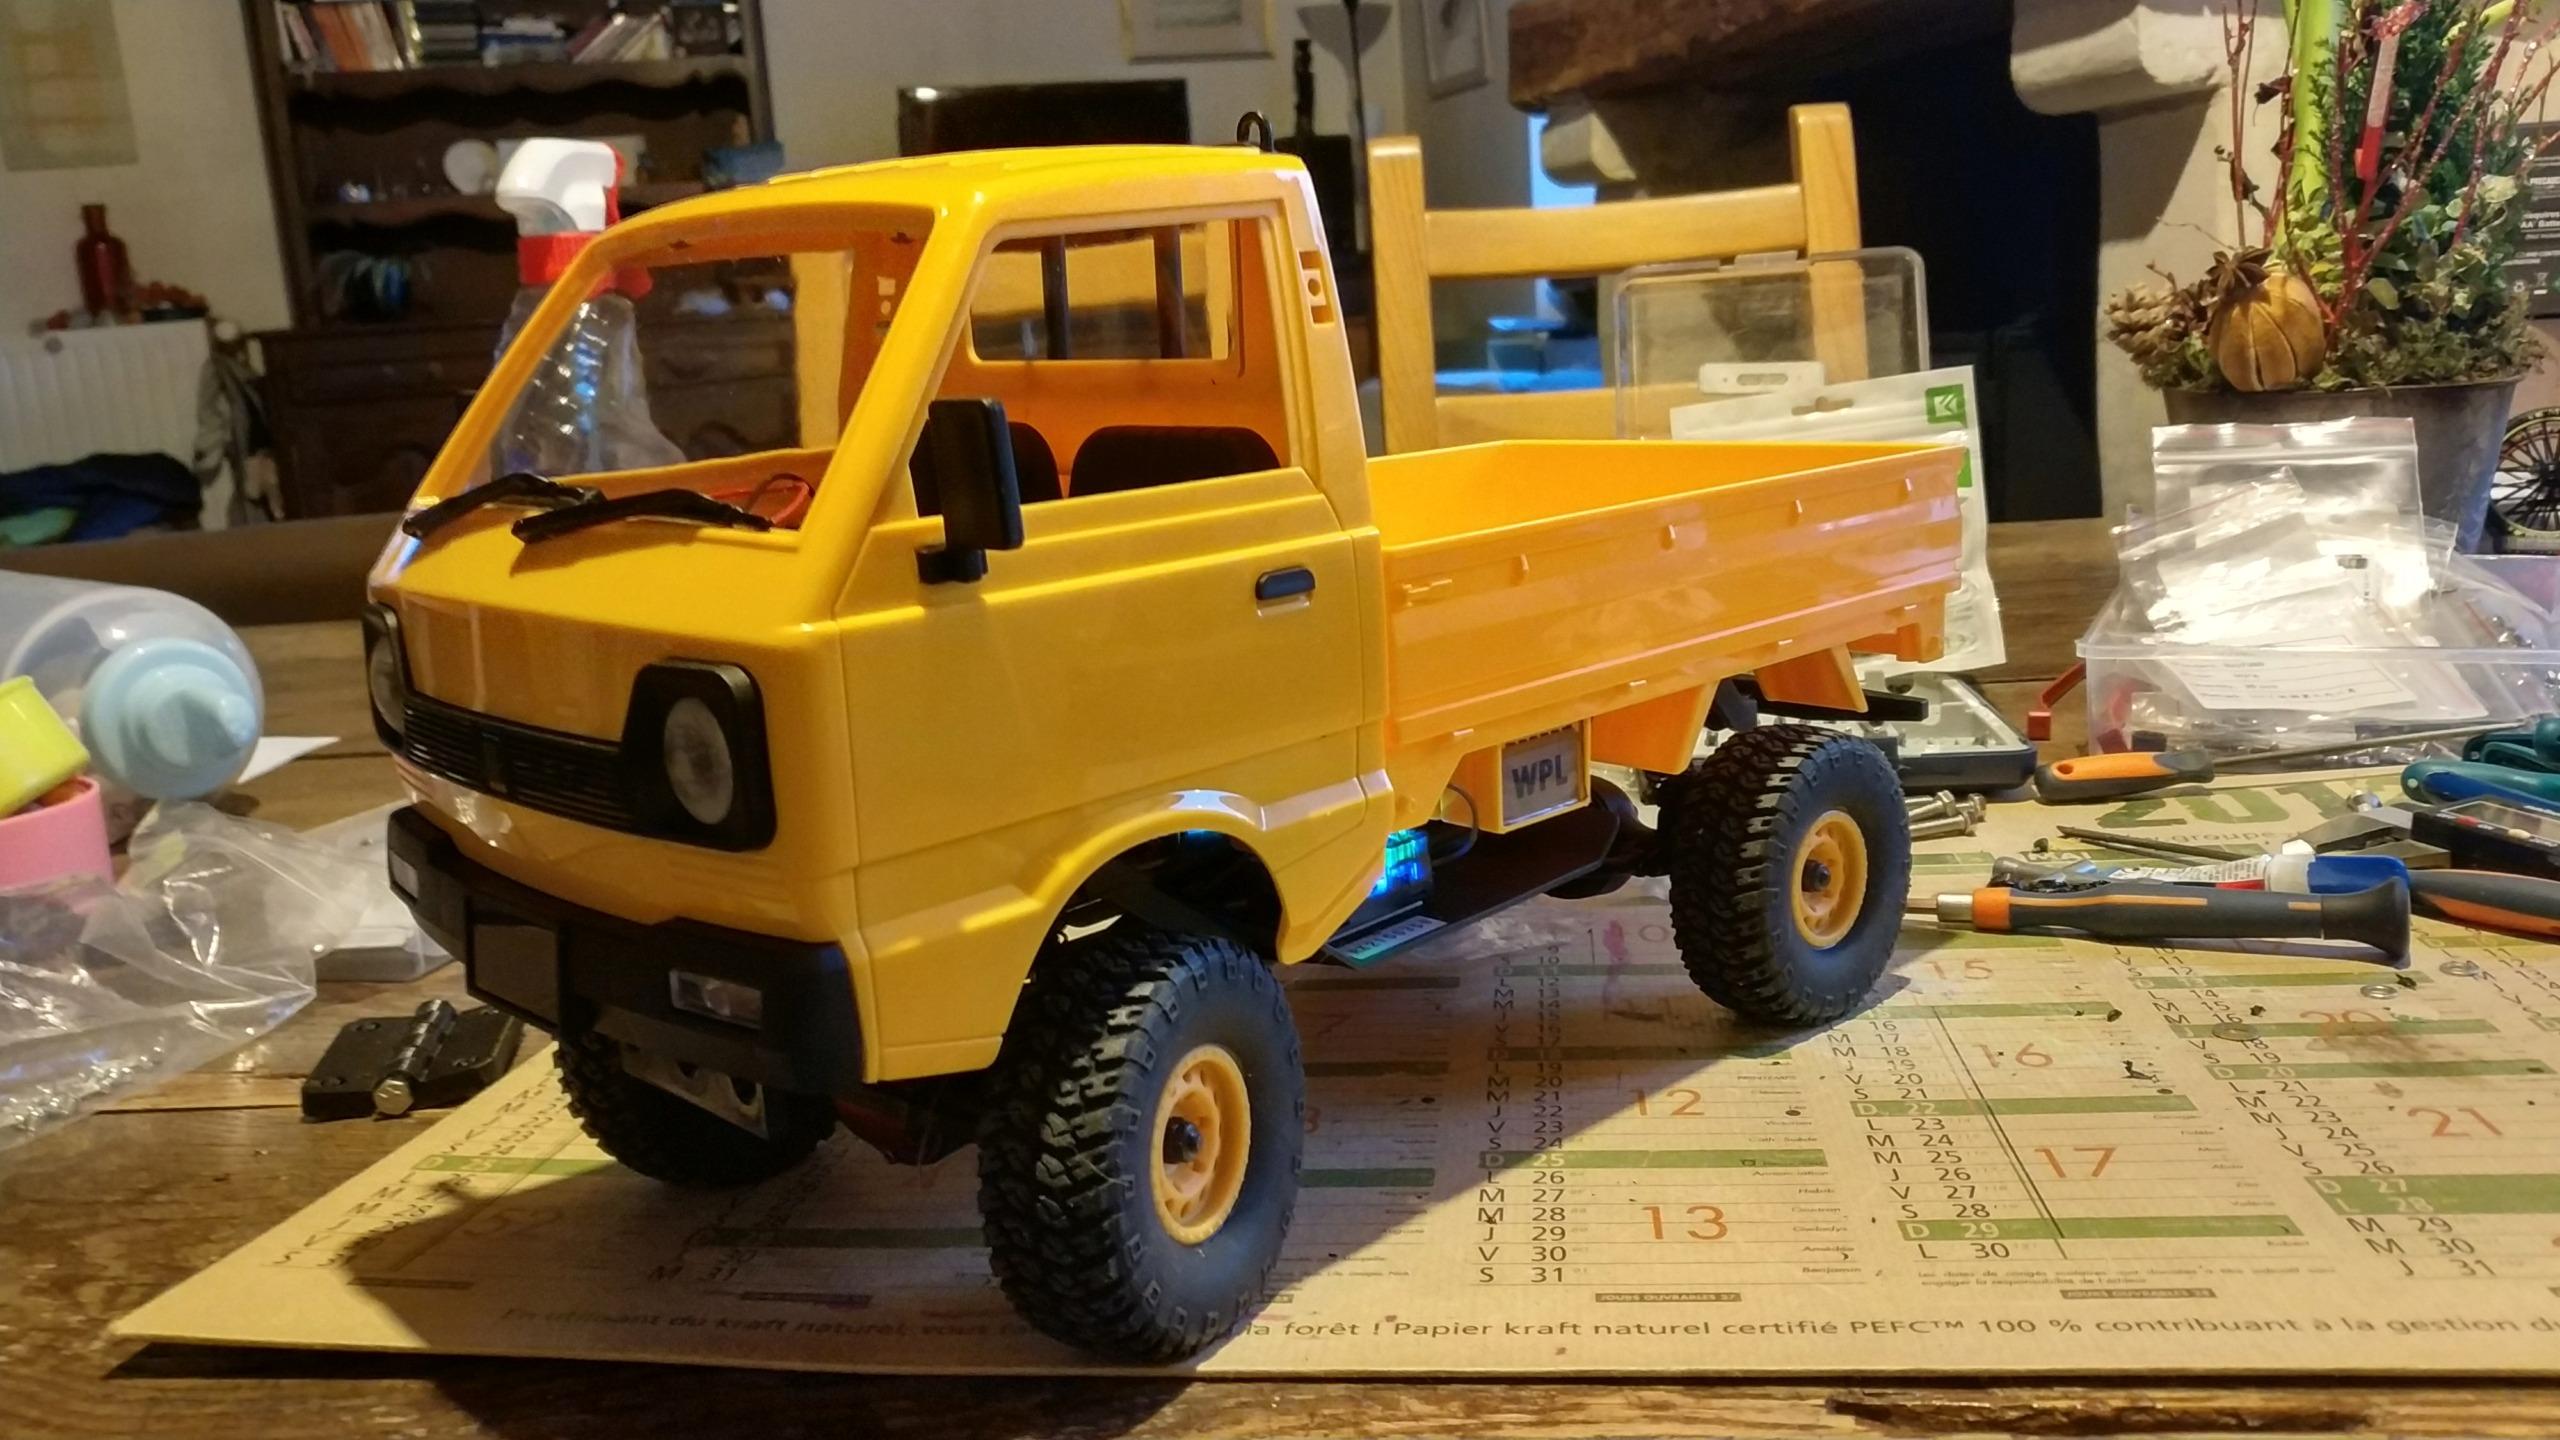 Un énorme camion de plus, le WPL D12 Suzuki Carry 1/10... - Page 2 Img_2835